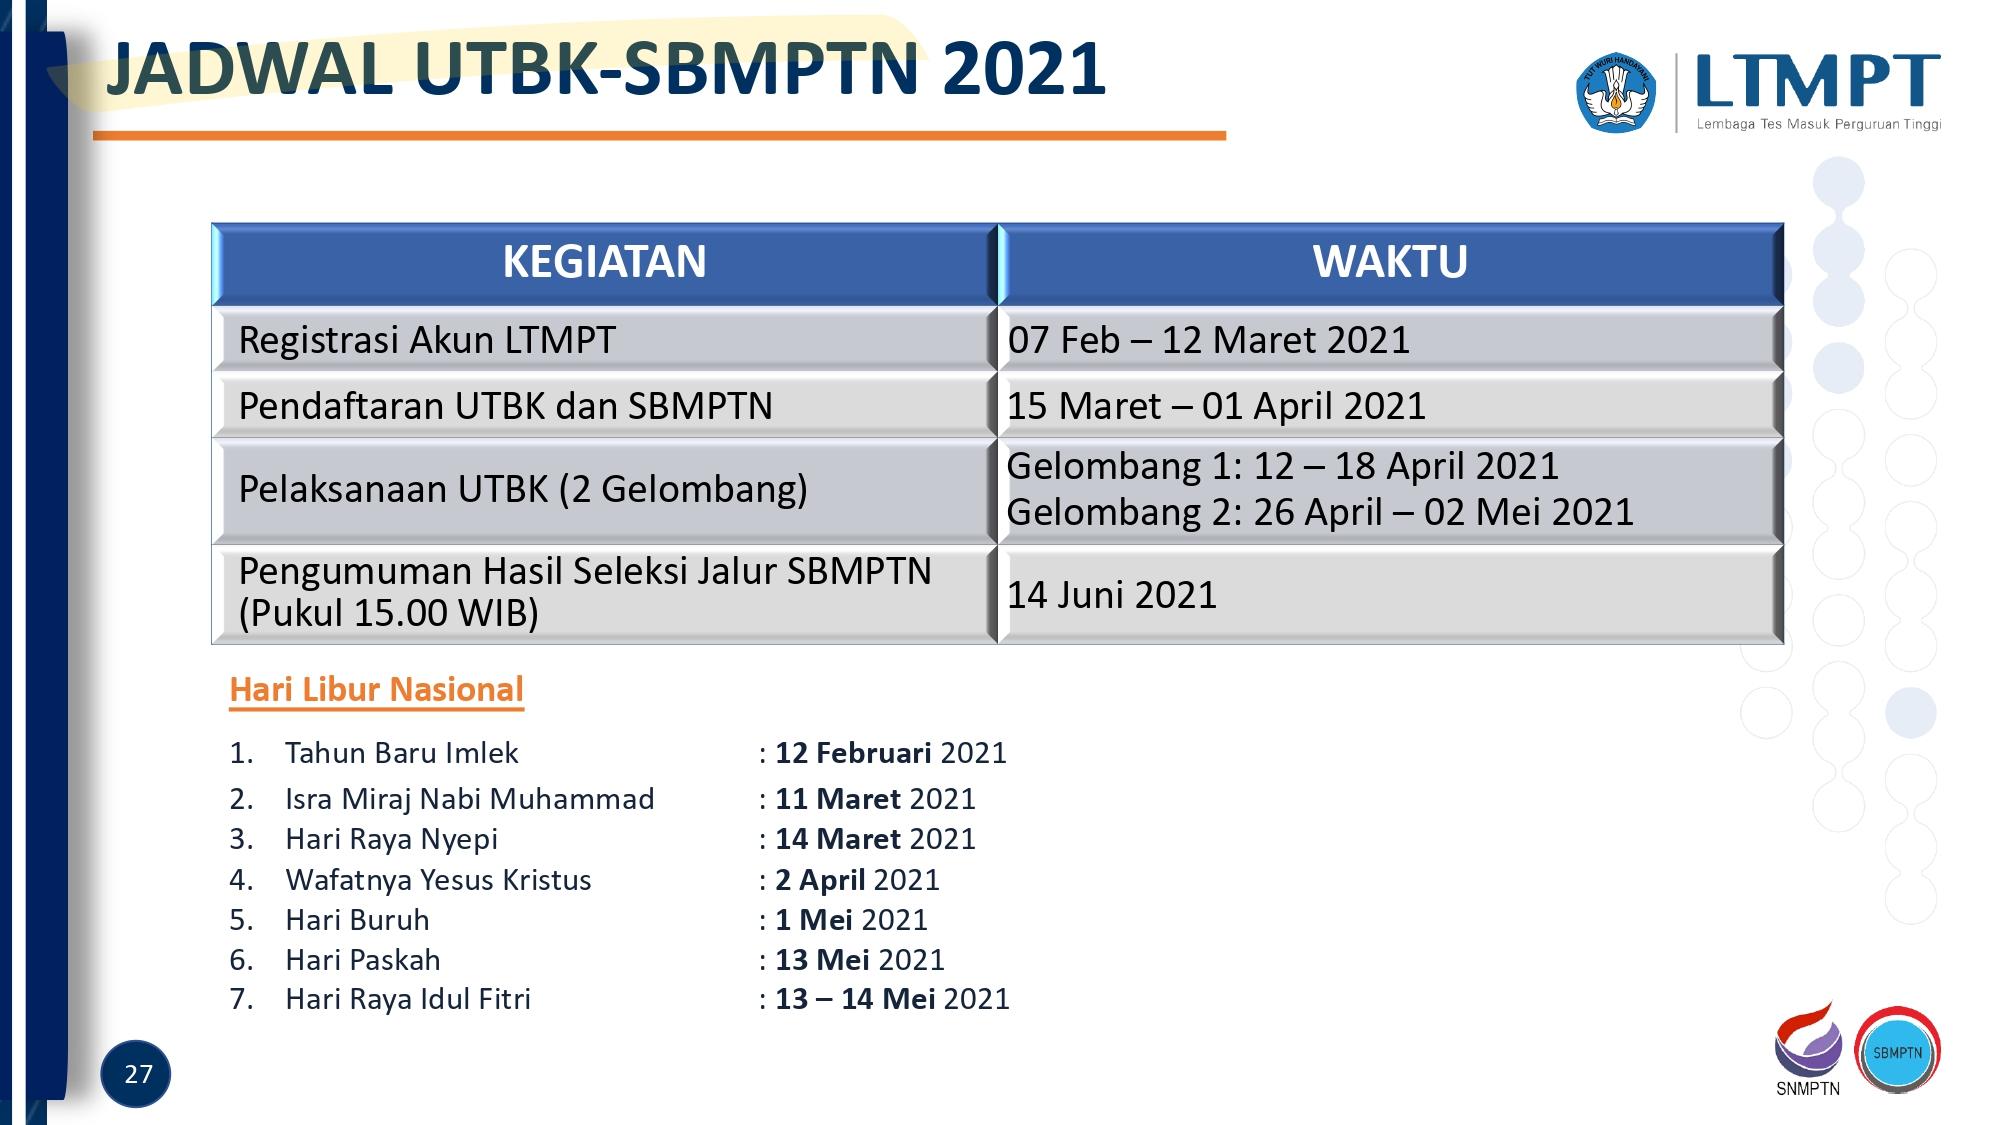 Ltmpt Jadwal Utbk Tahun 2021 Dan Informasi Terbaru Dalam Seleksi Masuk Ptn Tahun 2021 Defantri Com